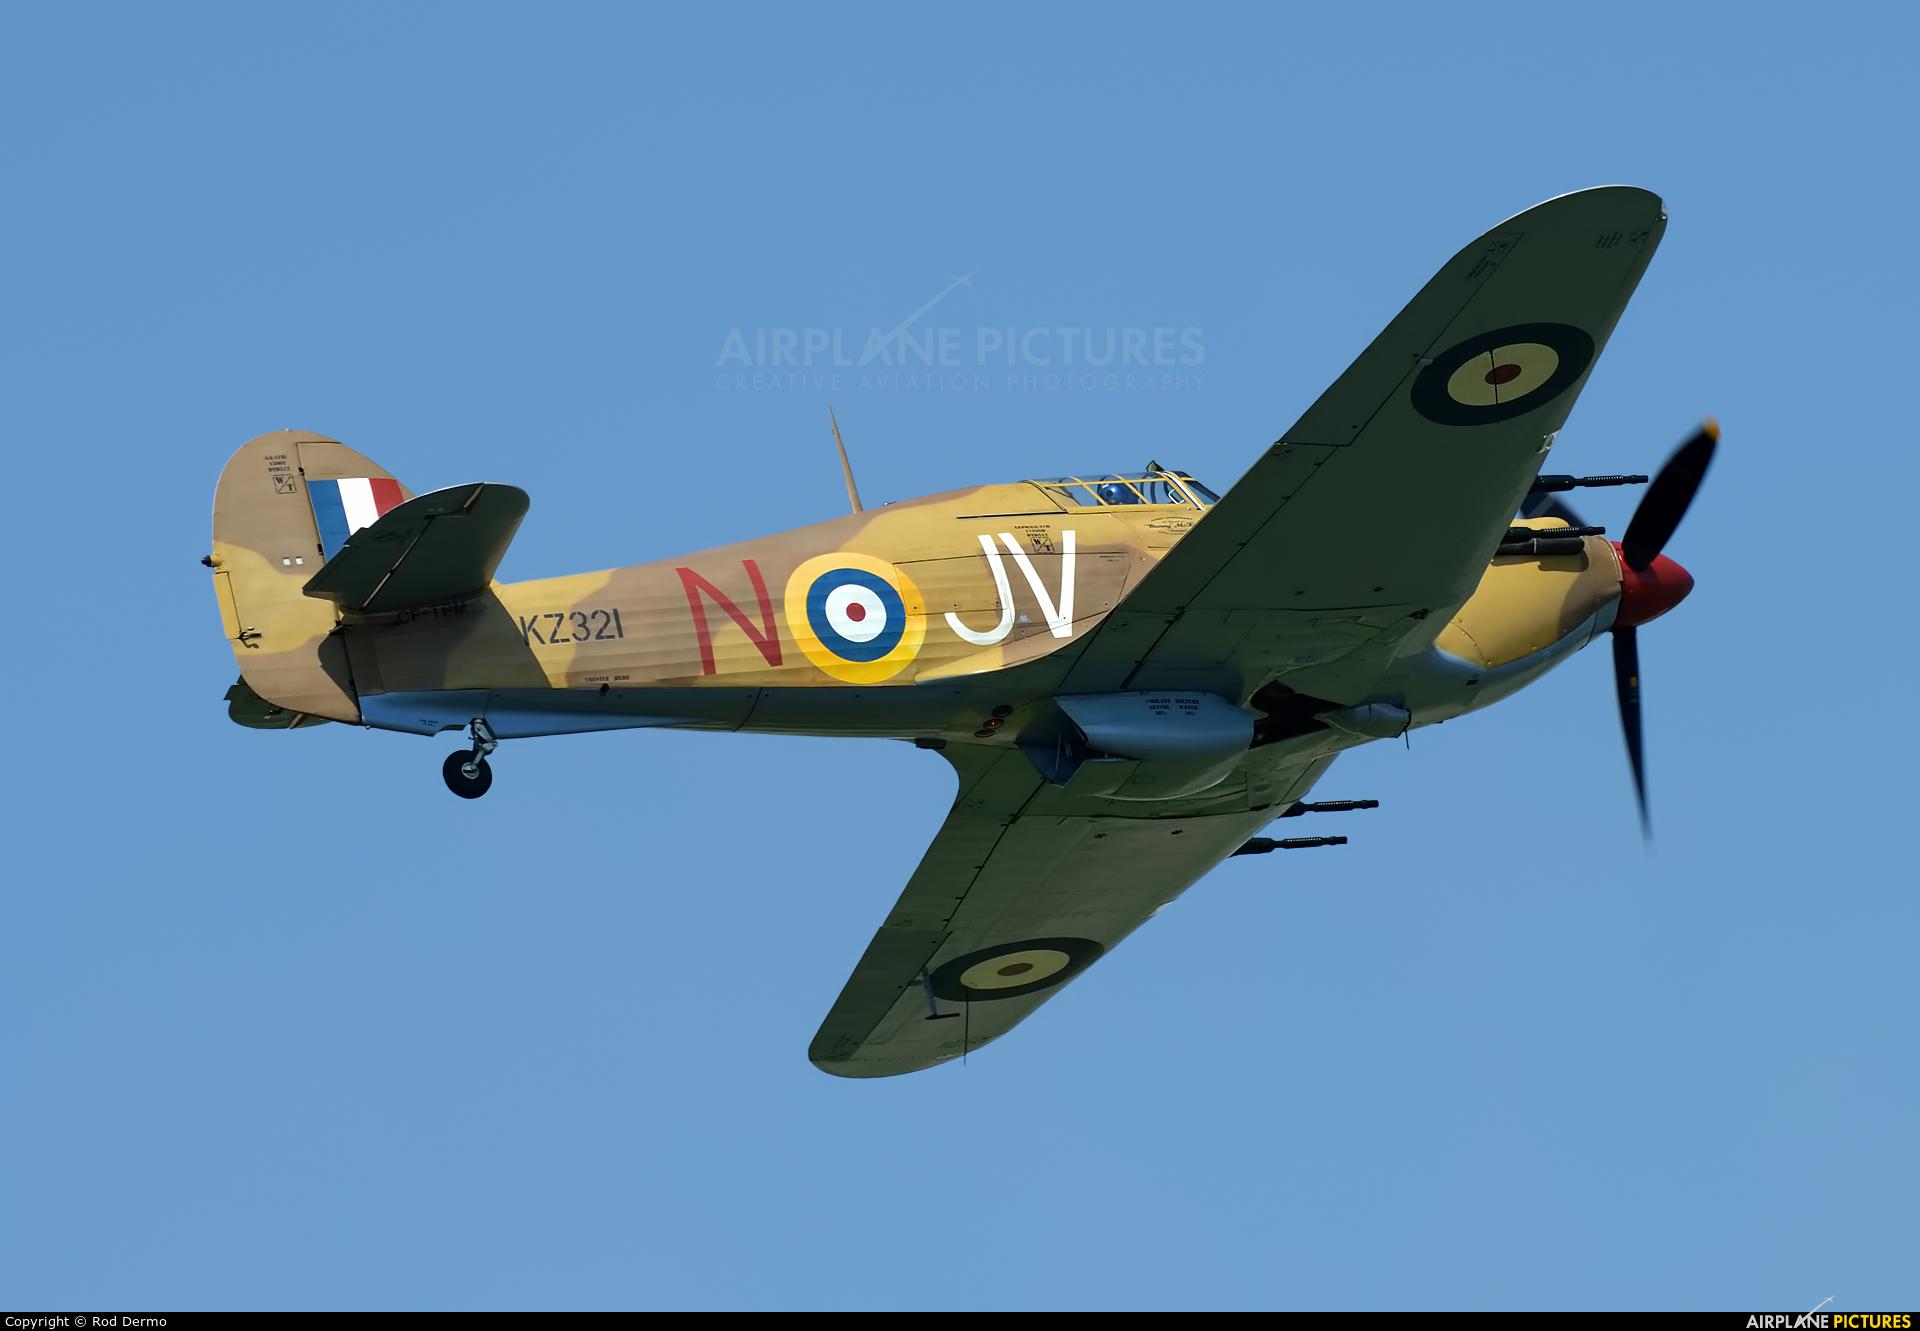 Vintage Wings of Canada CF-TPM aircraft at Selfridge ANGB